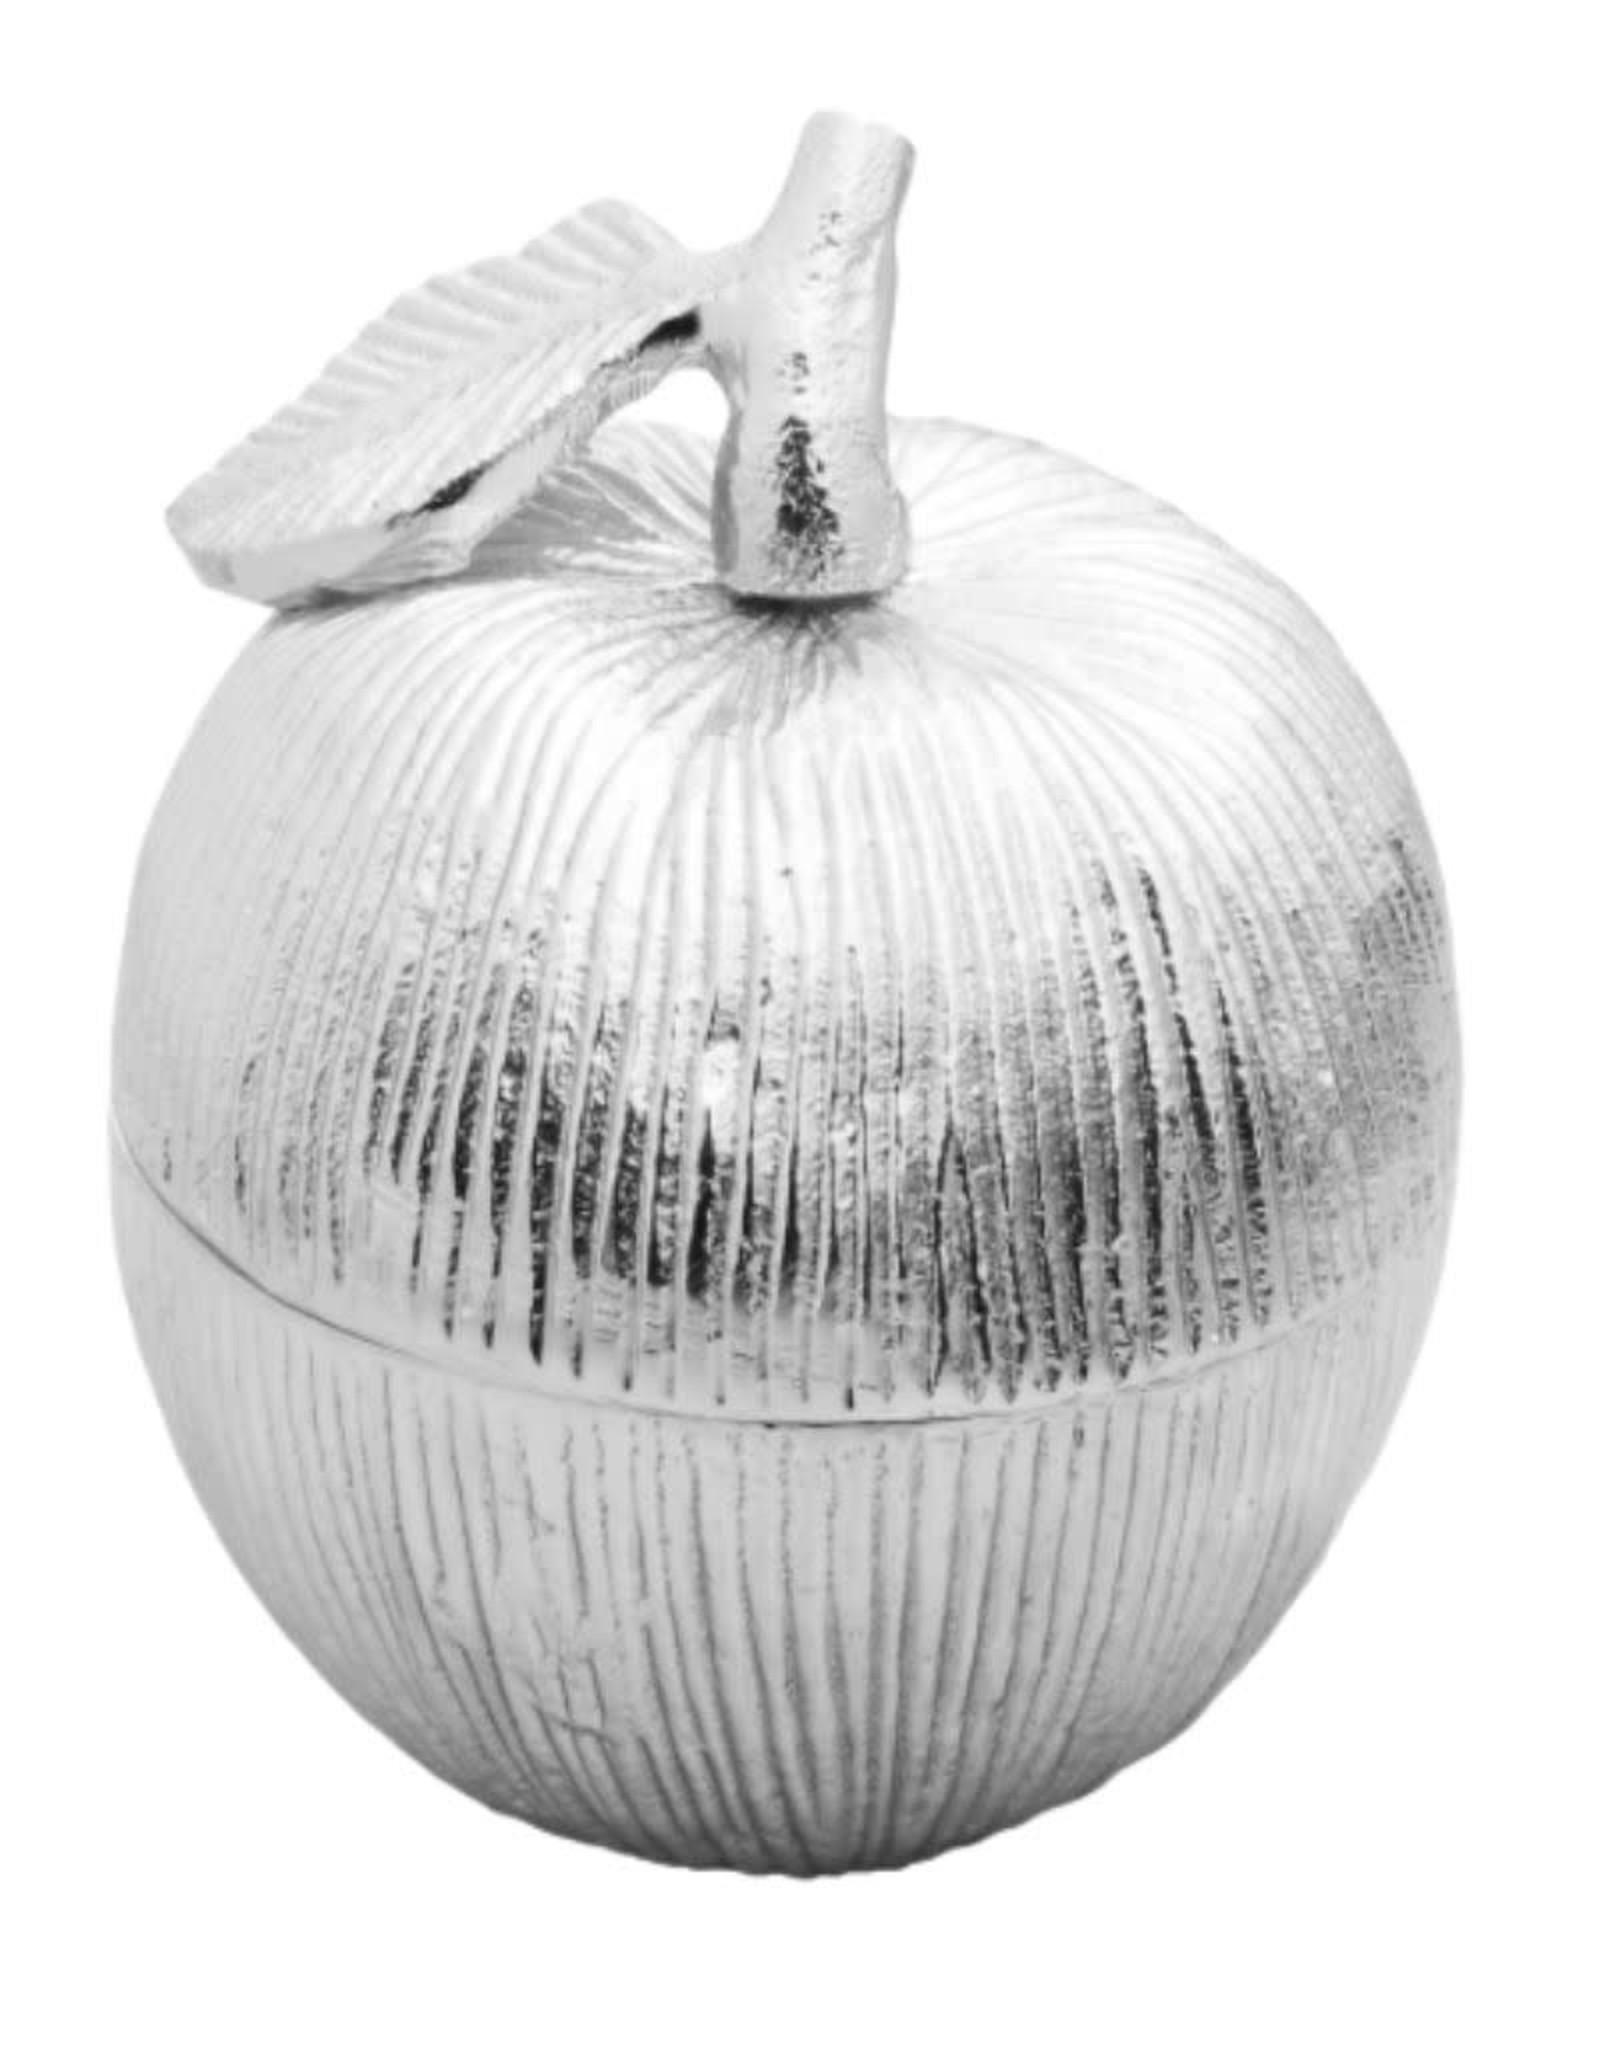 Silver Apple Shaped Honey Jar w Spoon